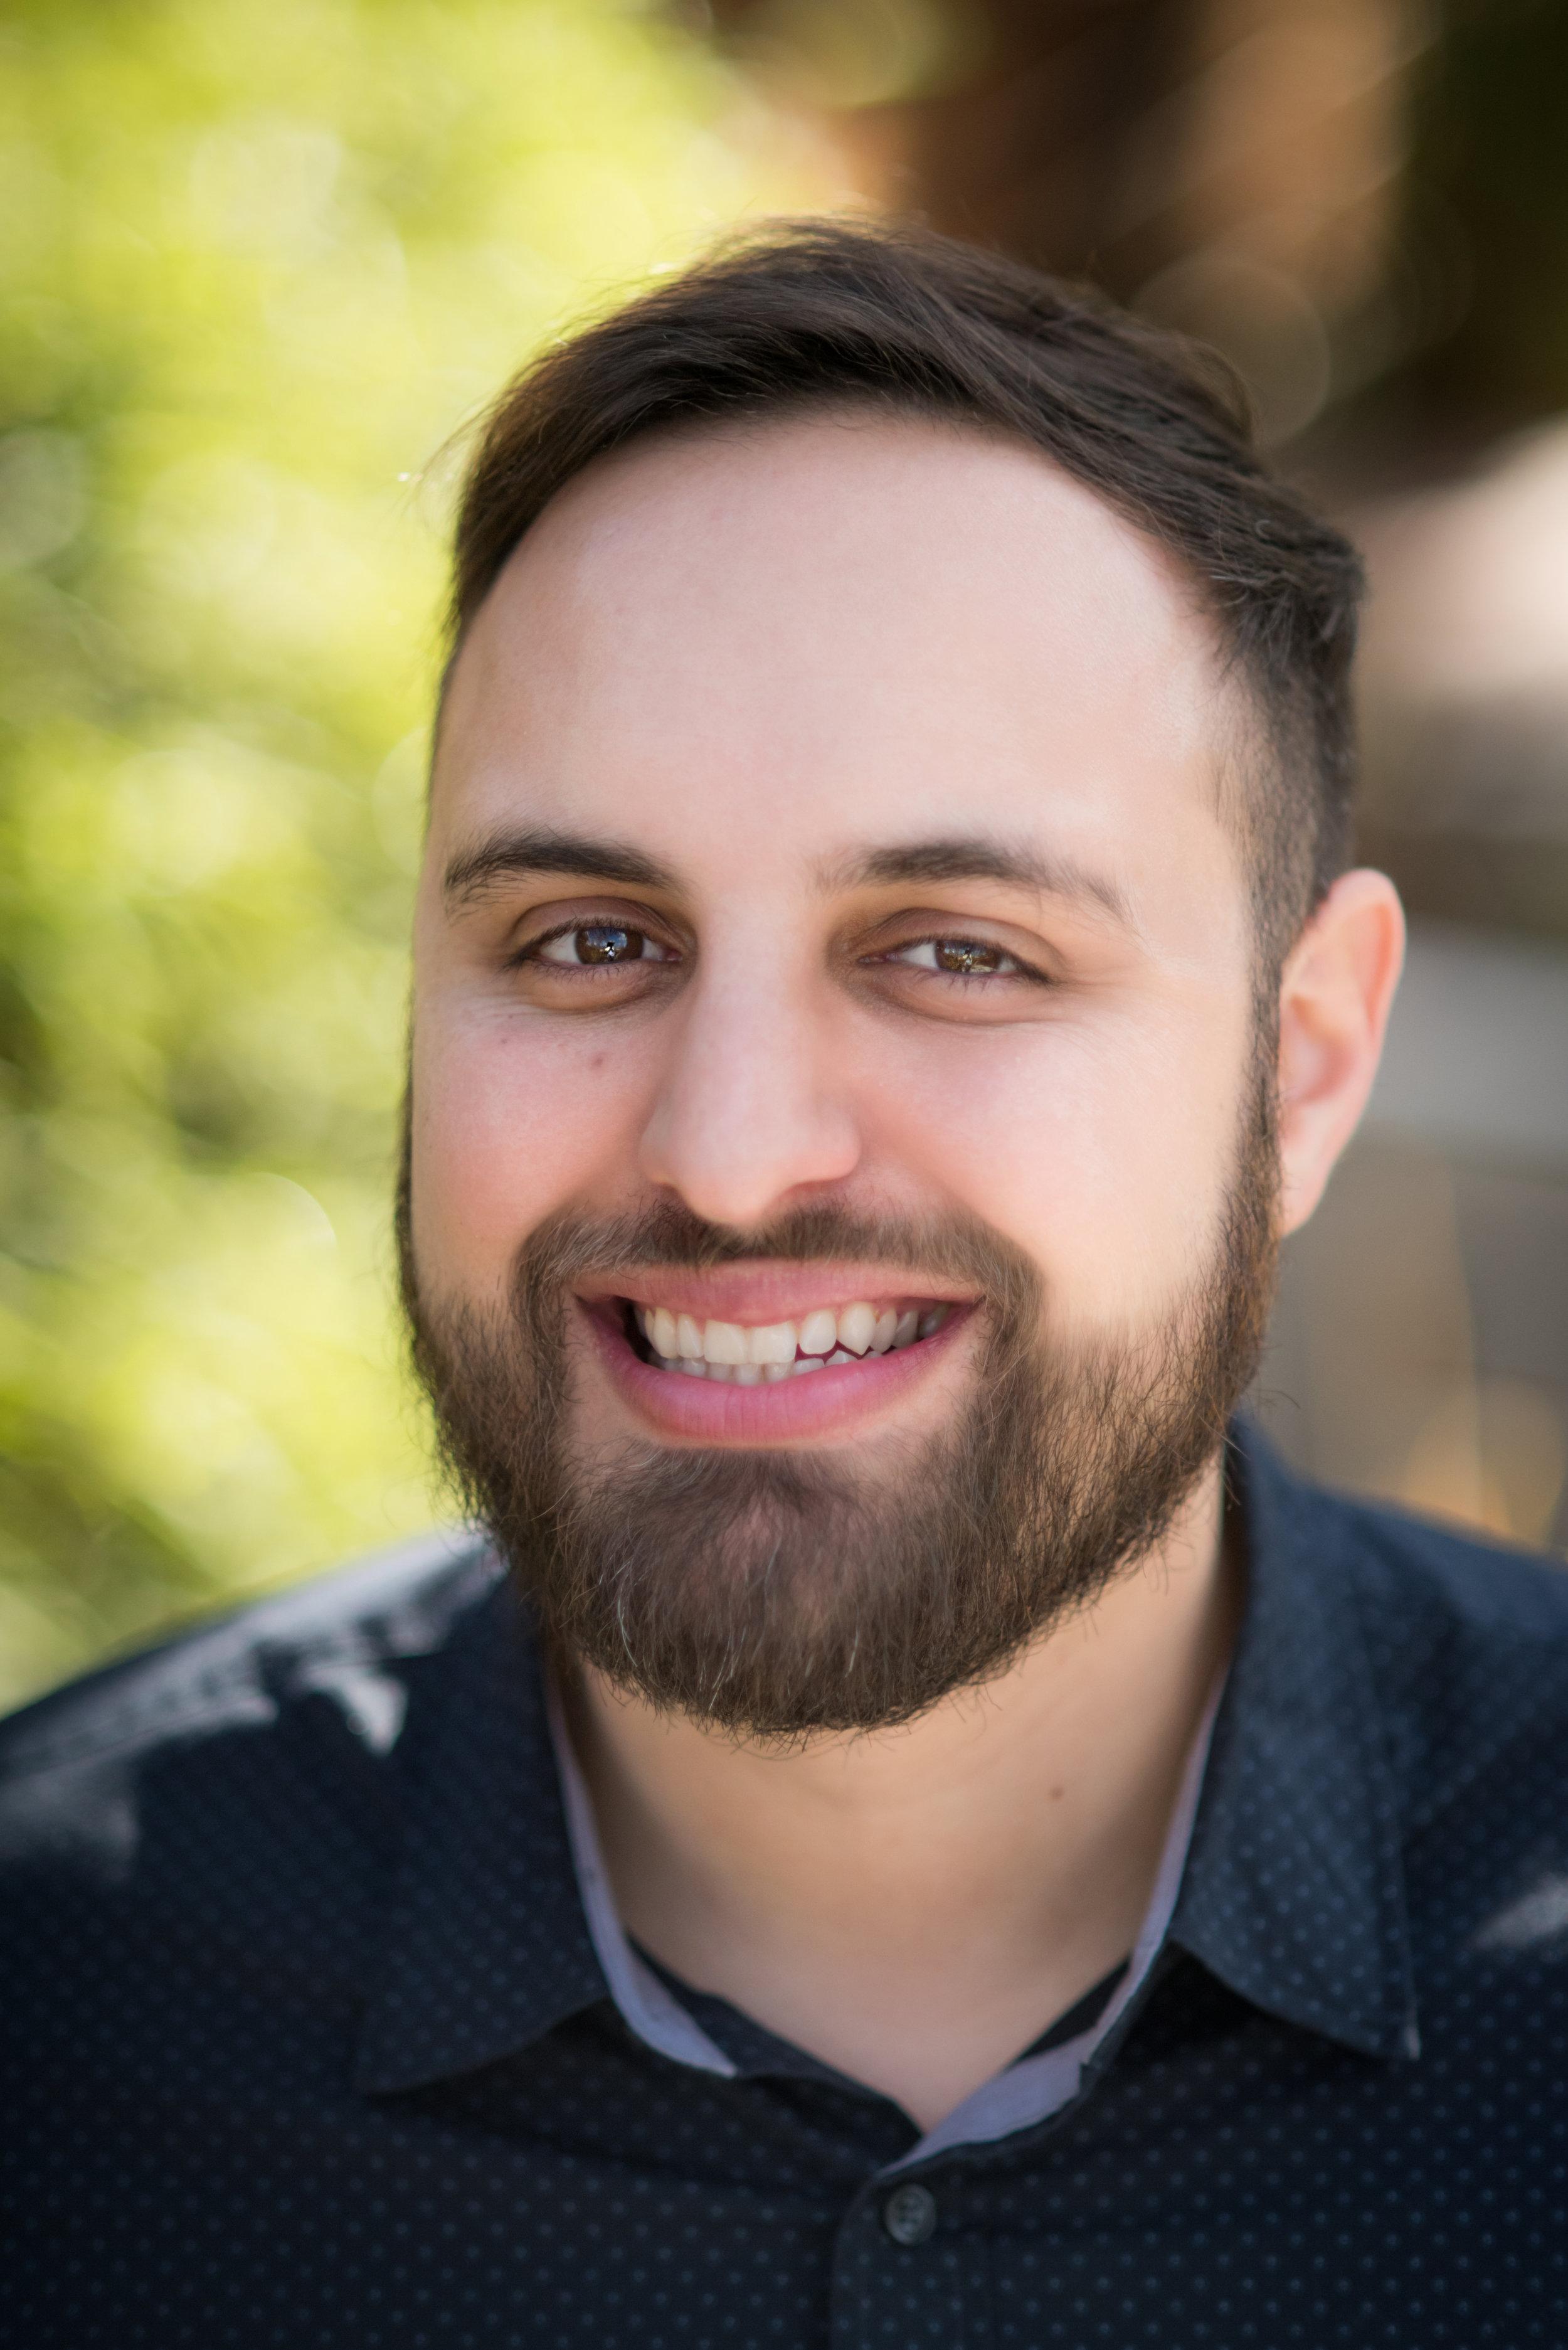 Sam Ghadiri Leadership San Jose